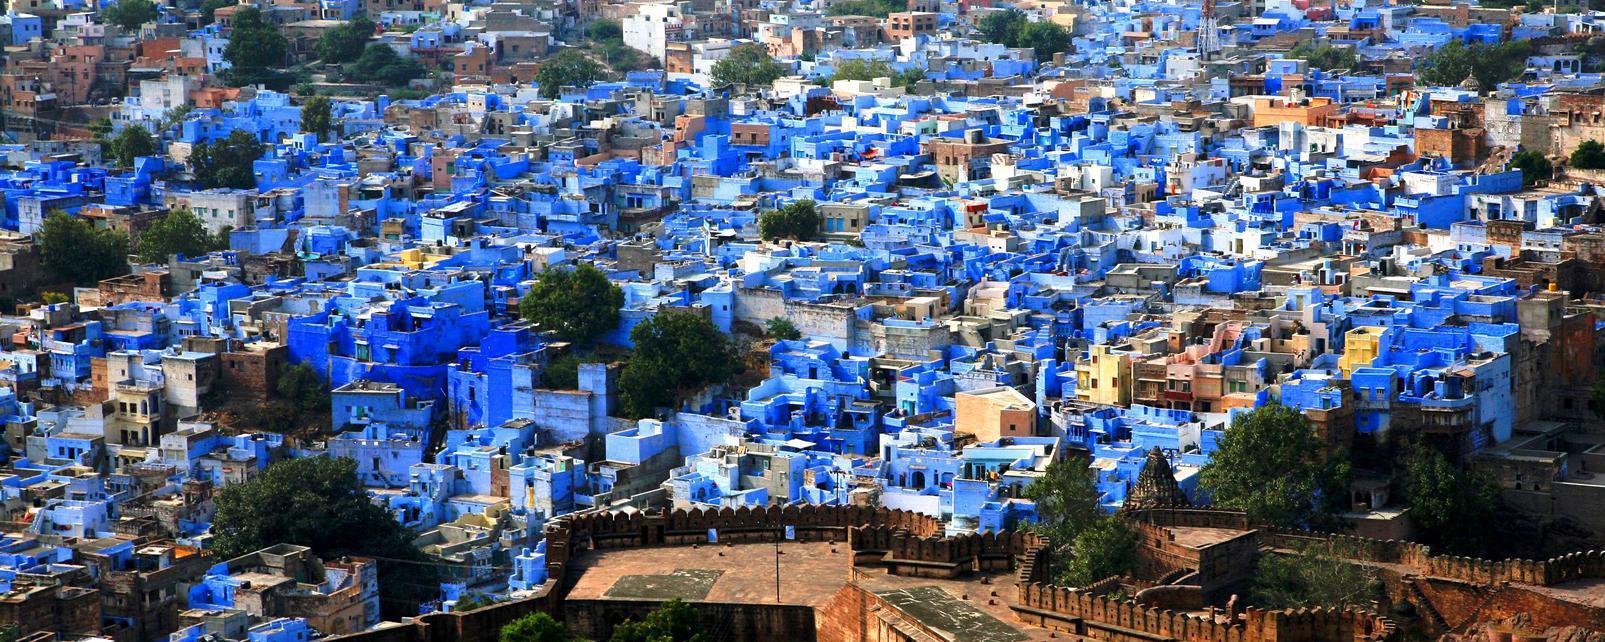 Asie, Inde, Rajasthan, Jodhpur, ville, bleue, maison,